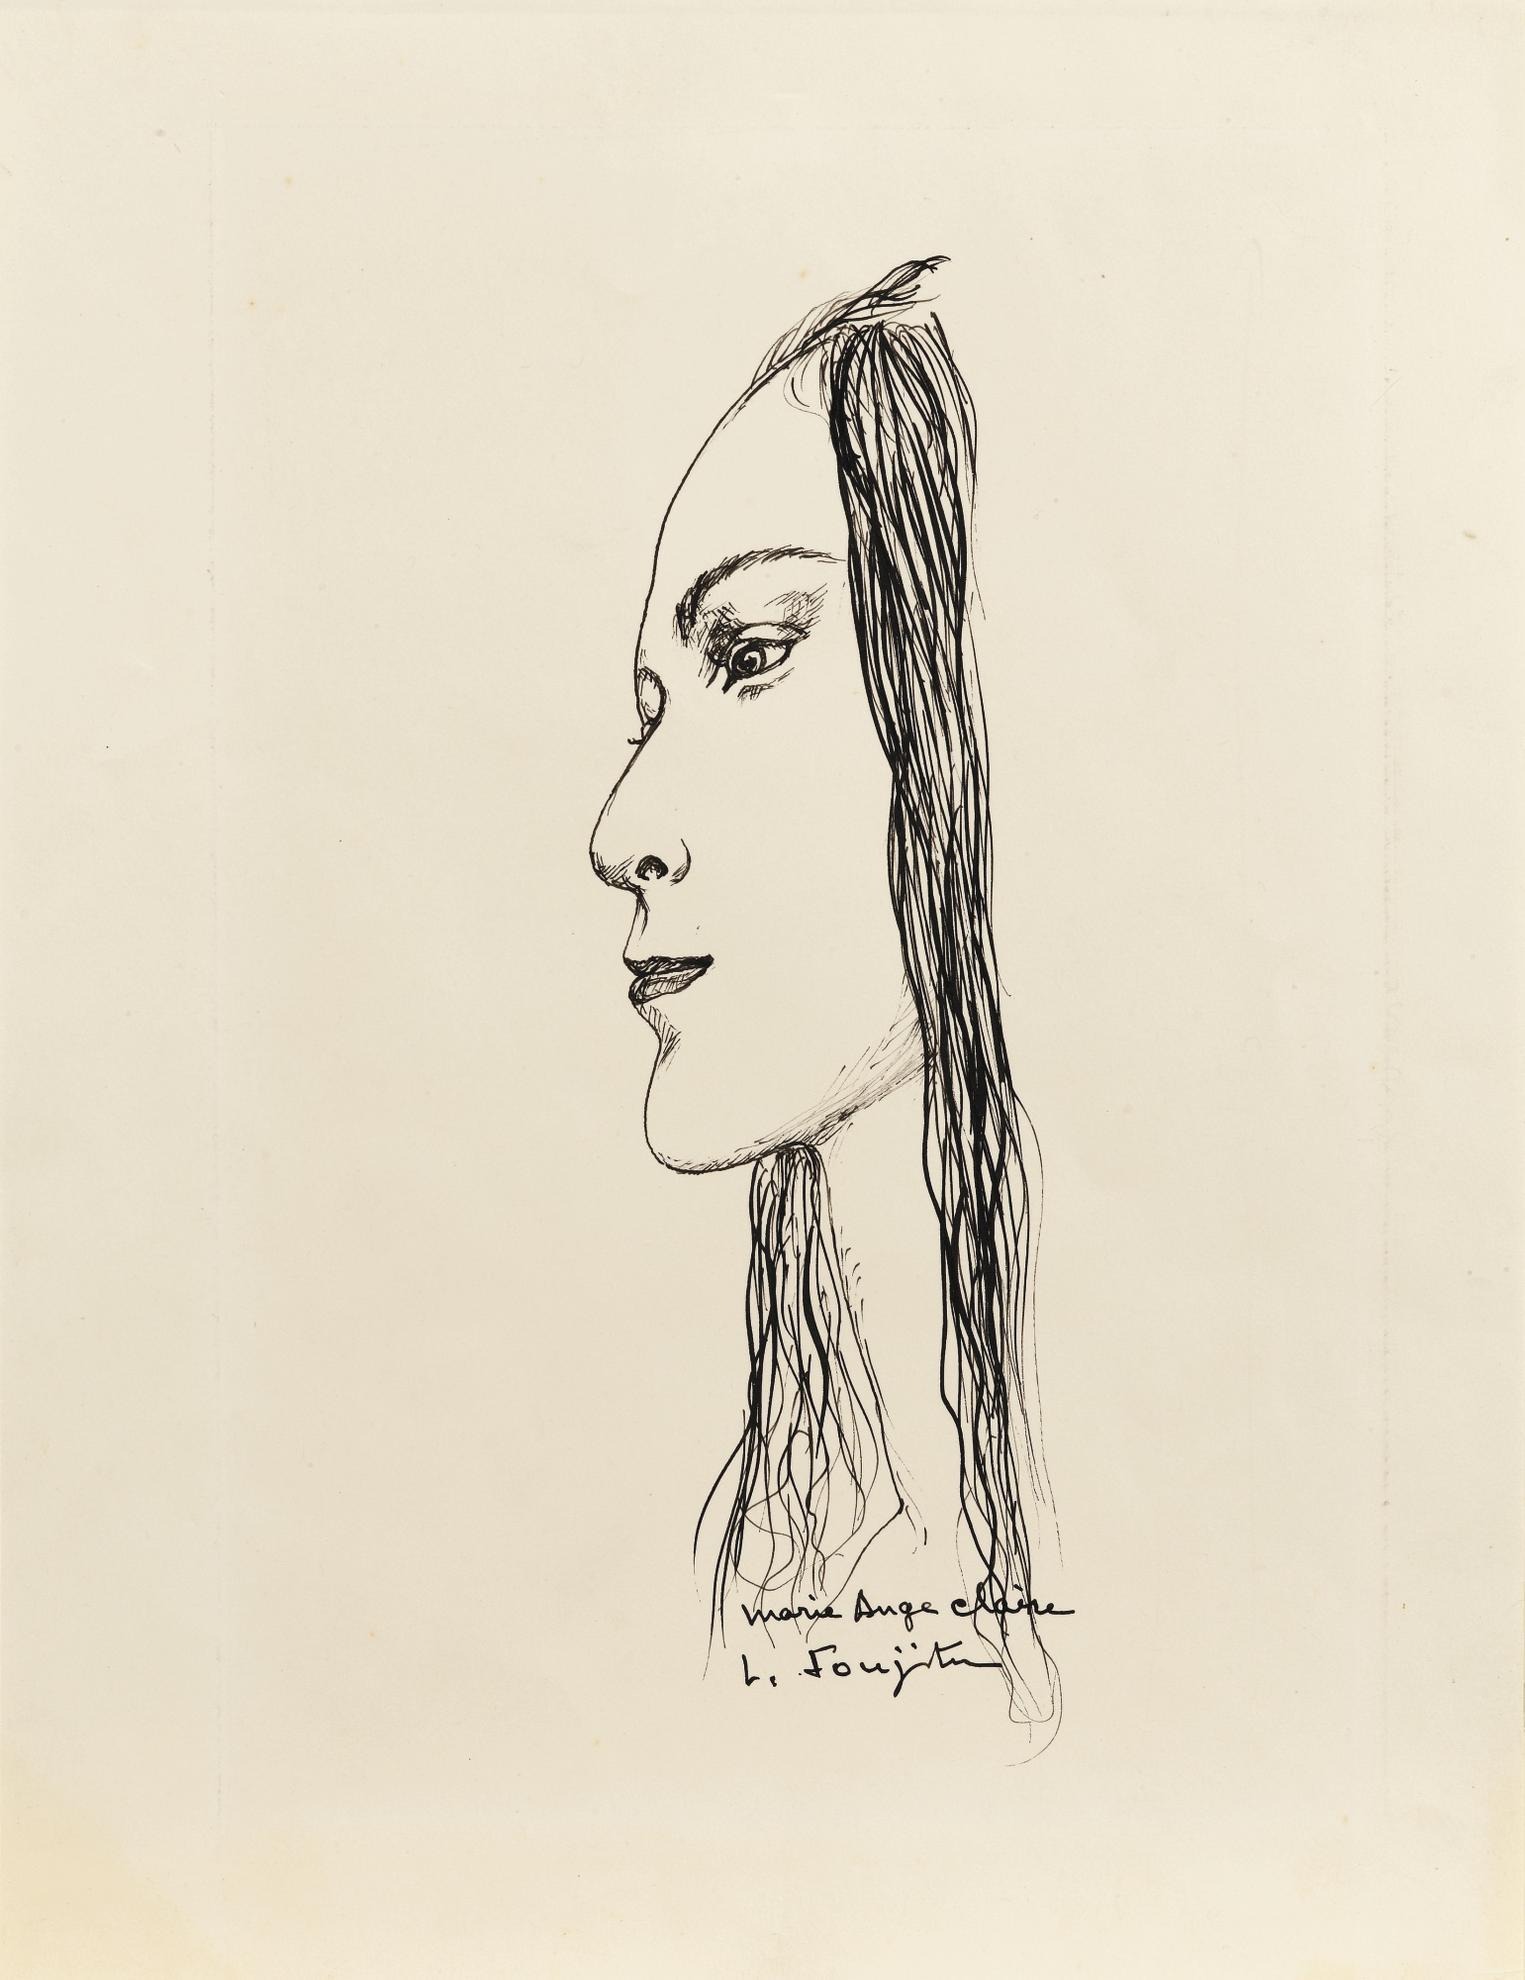 Tsuguharu Foujita-Marie Ange Claire, Profil De Kimiyo Foujita-1960